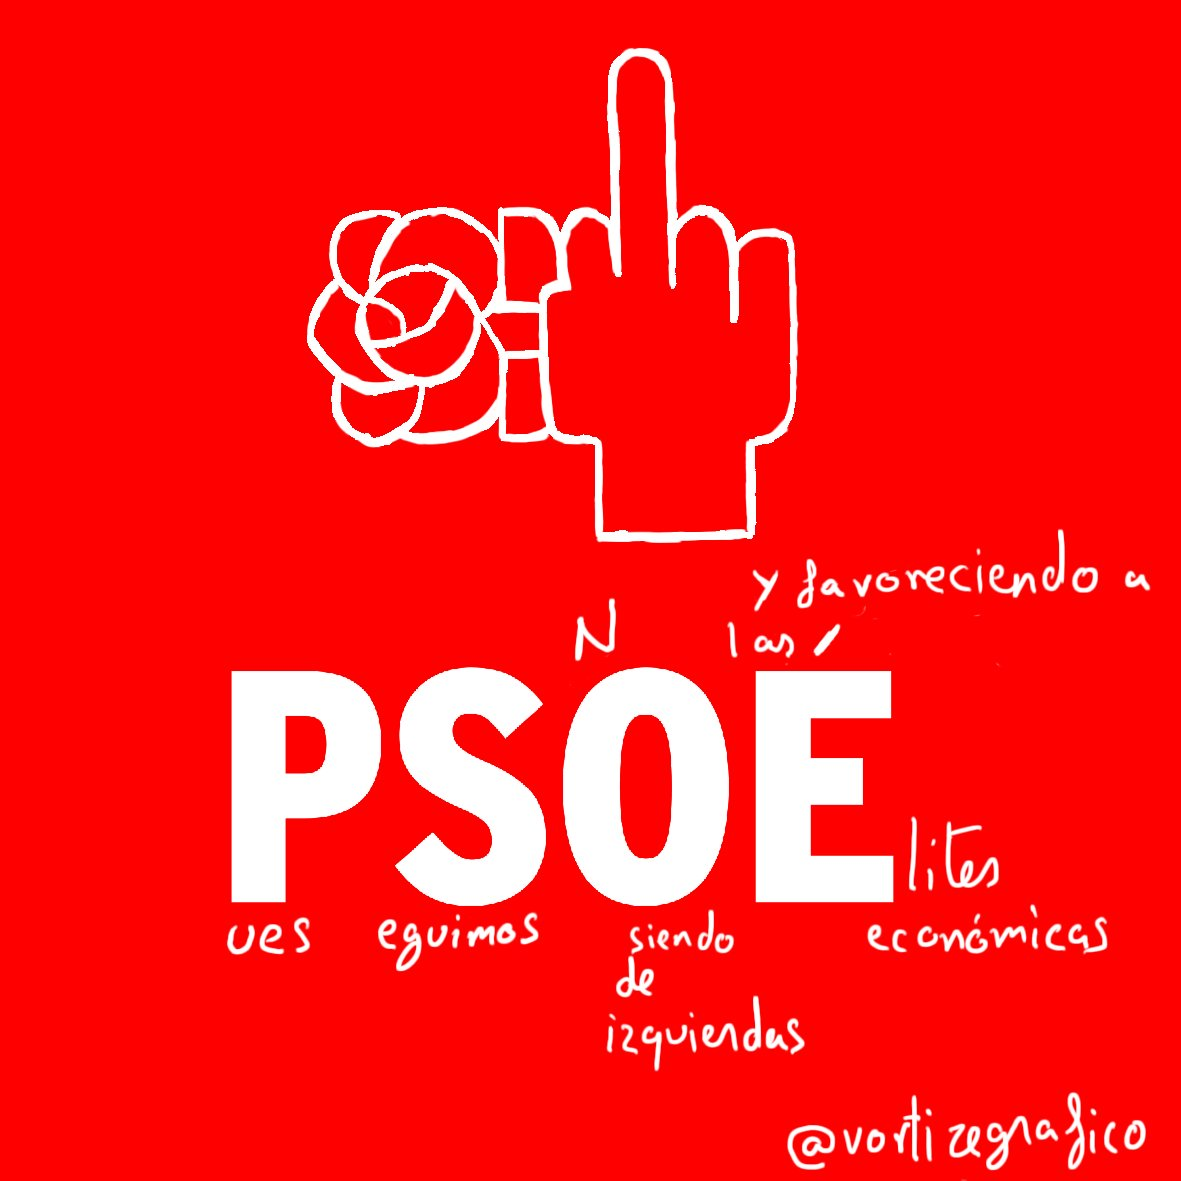 Con una inflación más que evidente de los #alquileres el @PSOE decide ignorar su pacto con @PODEMOS porque no viene bien a los grandes tenedores de vivienda. Nos gobierna el mercado y cada vez se hace más patente que no se puede hacer nada contra ello.  #viñeta #dibujo #drawing